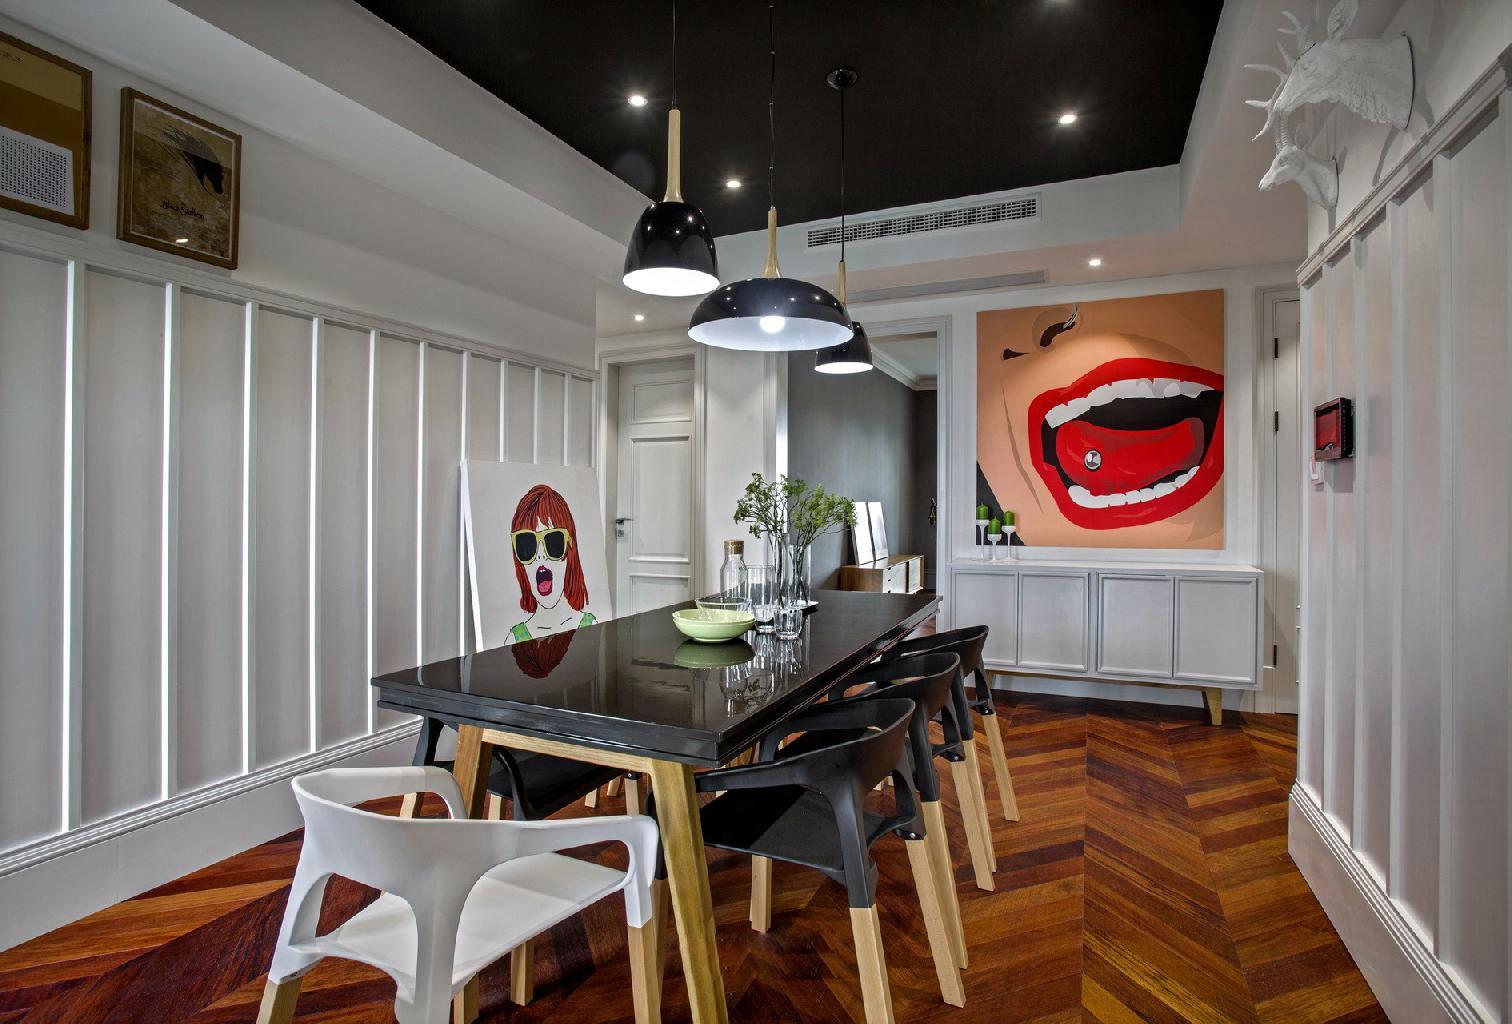 简约 北欧 三居 小资 餐厅图片来自别墅设计师杨洋在北欧简约混搭色彩案例的分享